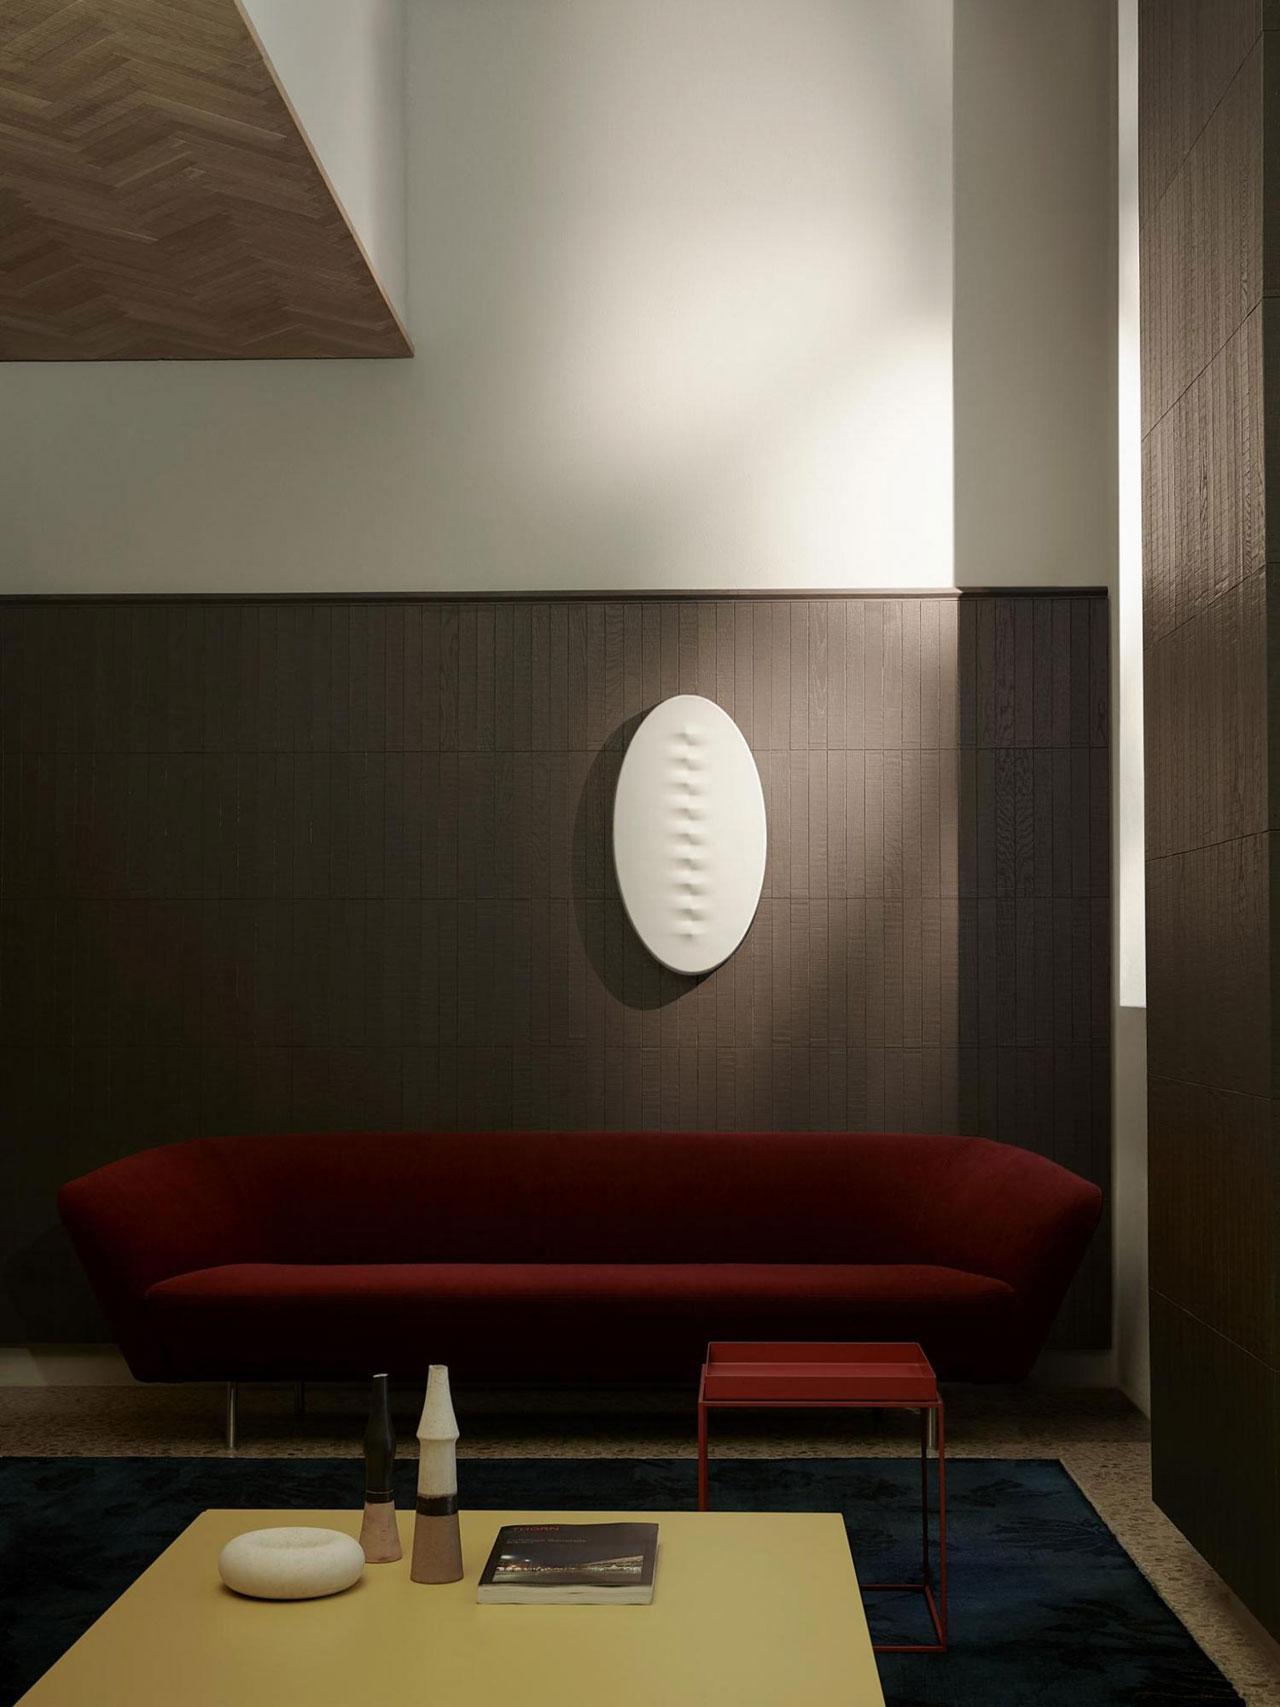 Foscarini,'Superficie' Wall lamp,2017, designed by Calvi Brambilla. Photo © Calvi Brambilla.